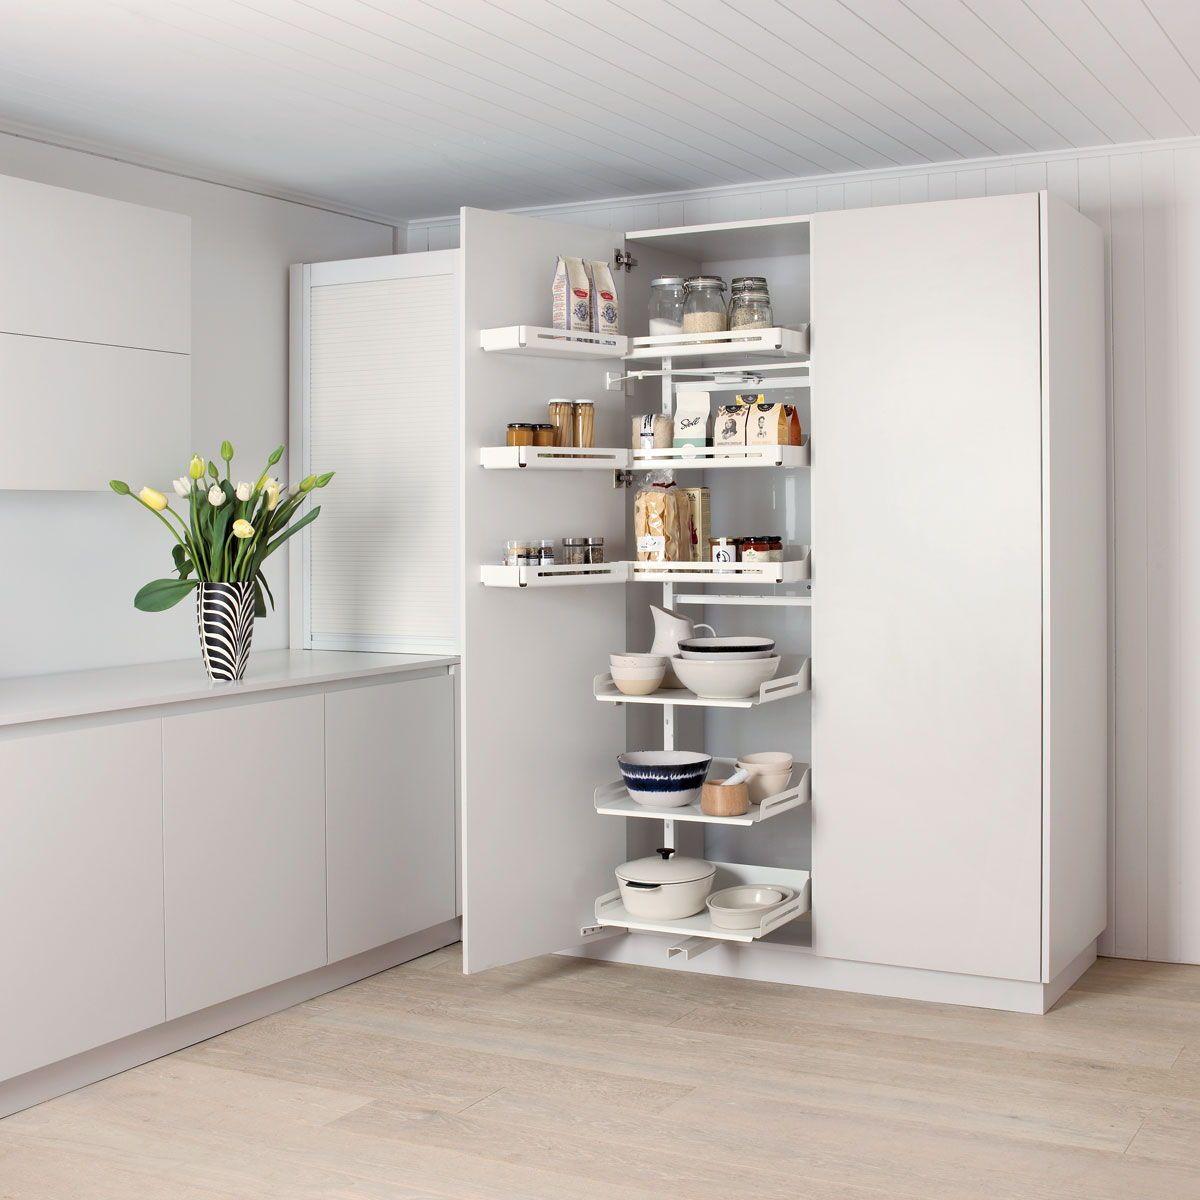 Hochschrank Pleno Plus in der Küche, Apothekerschrank und